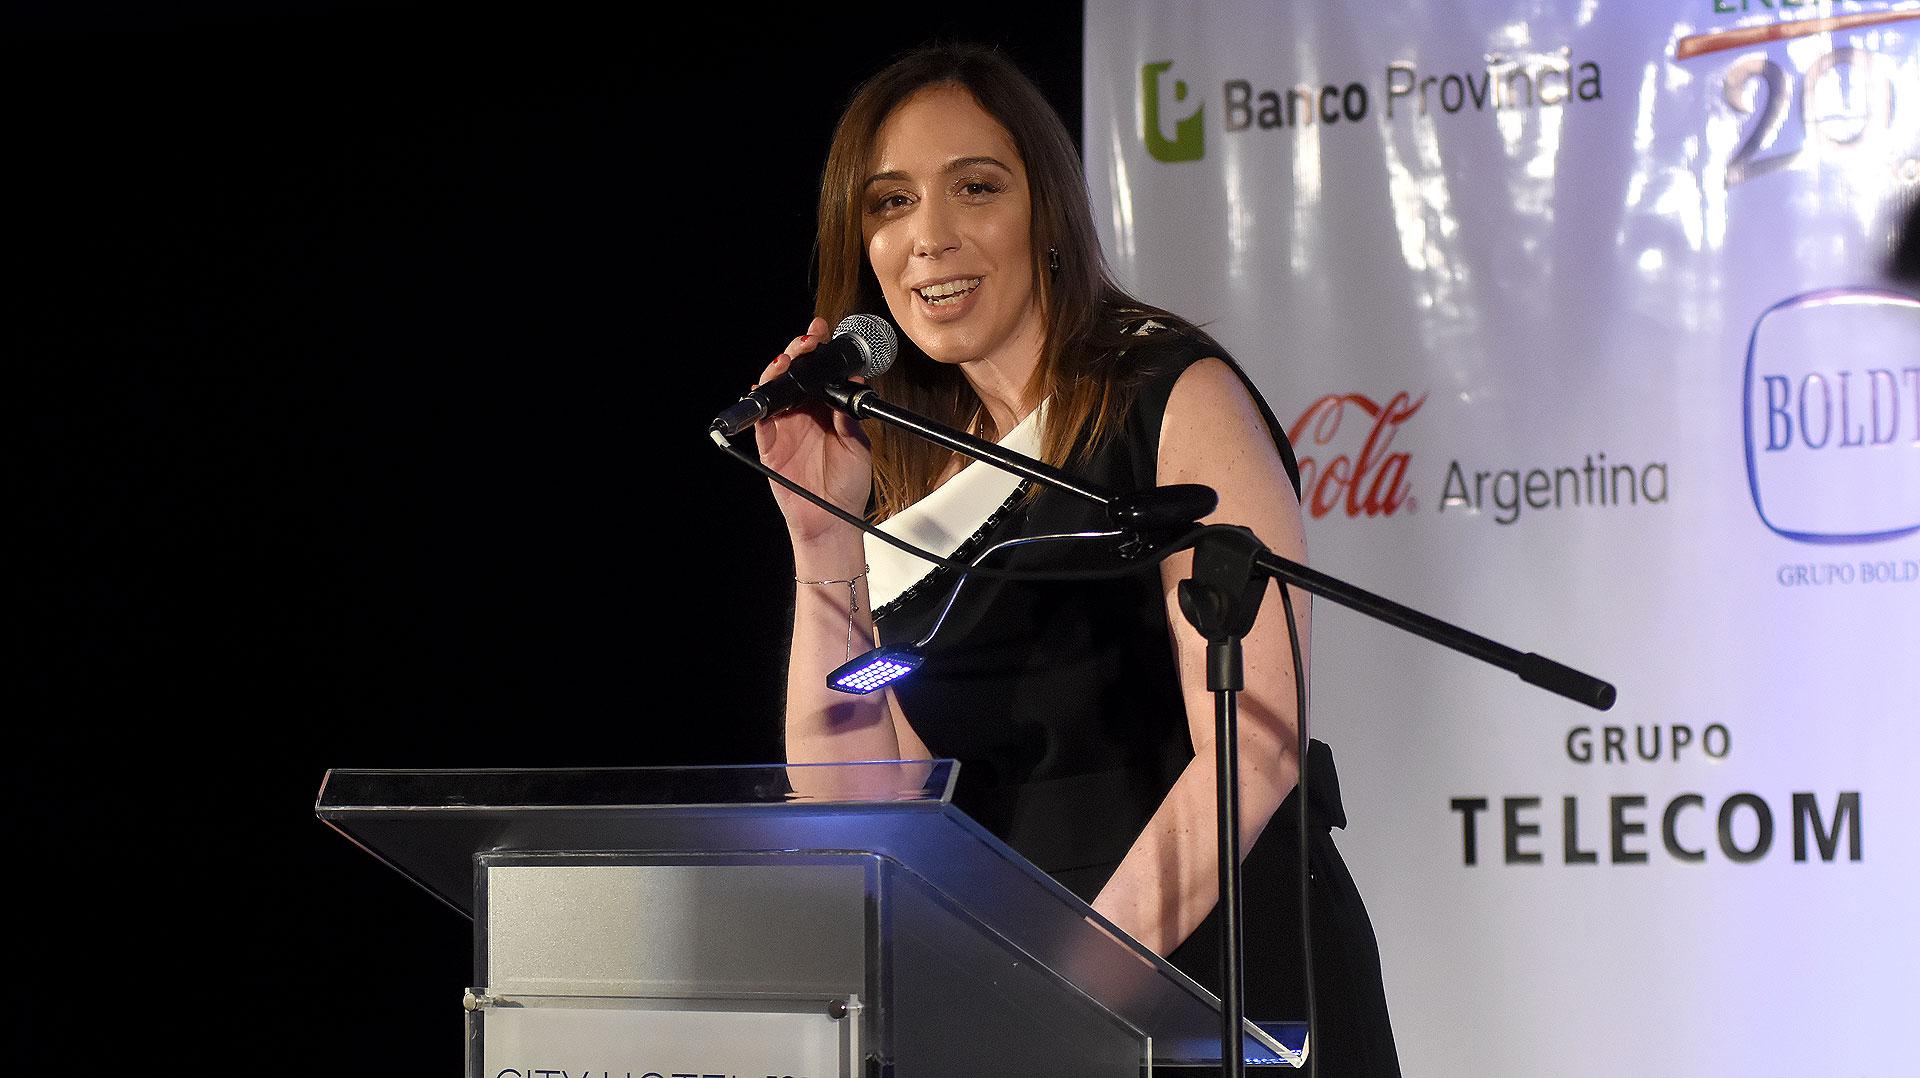 El discurso de la gobernadora de la provincia de Buenos Aires, María Eugenia Vidal